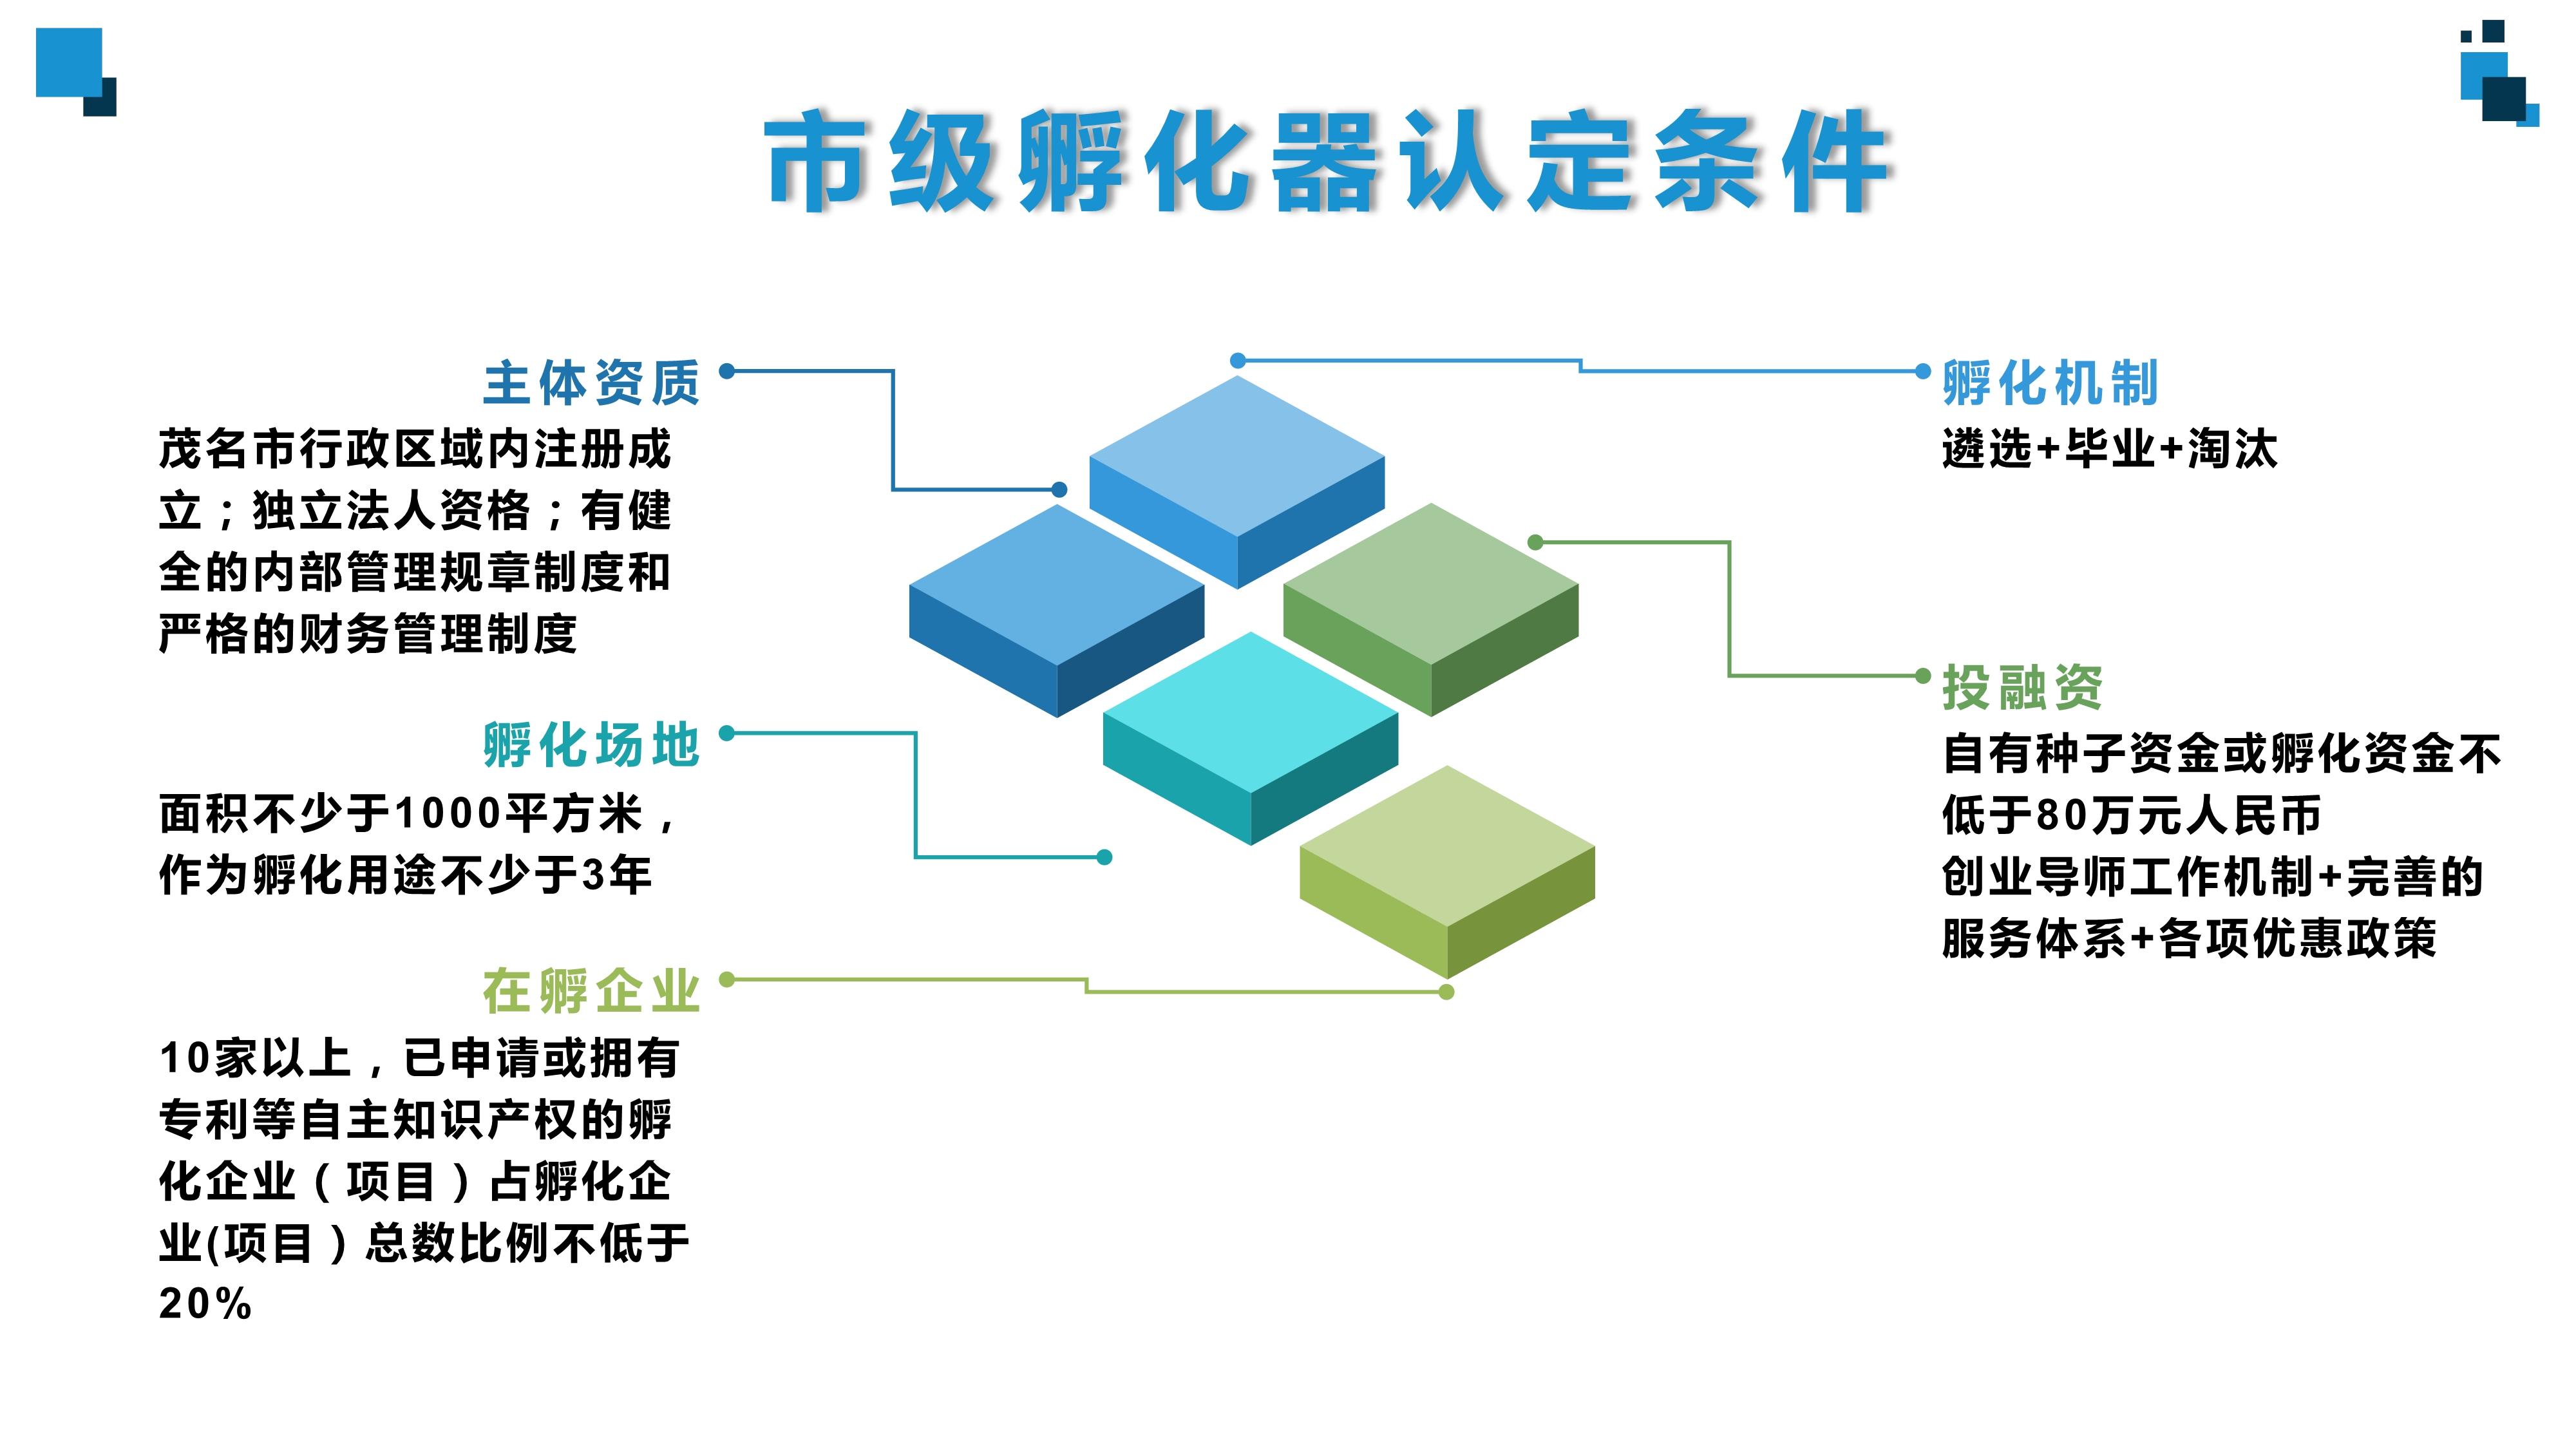 科技企业孵化器认定和管理办法-政策解读_6.jpg